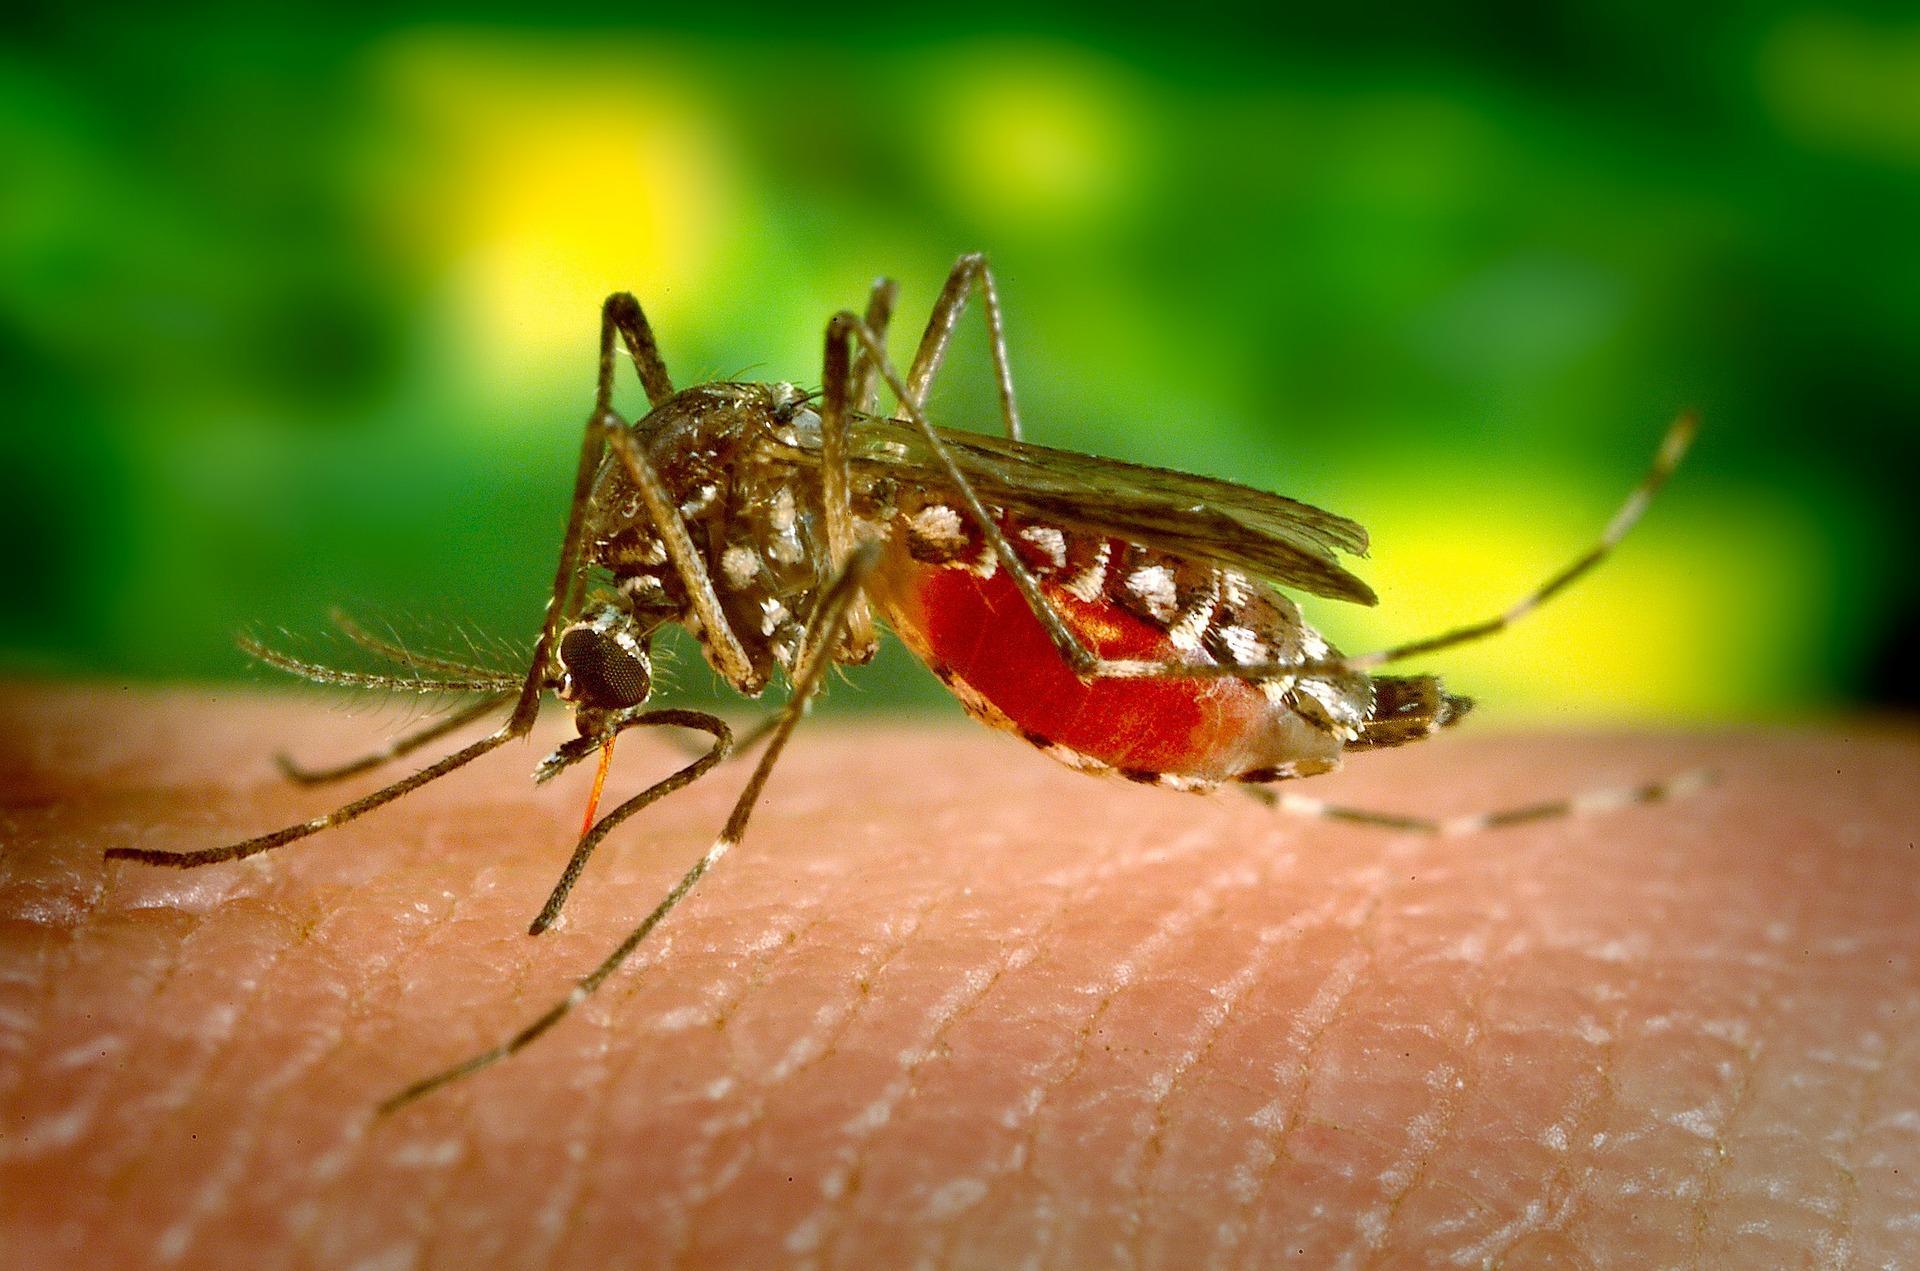 Mosquito sobre un fondo de hojas de color verde